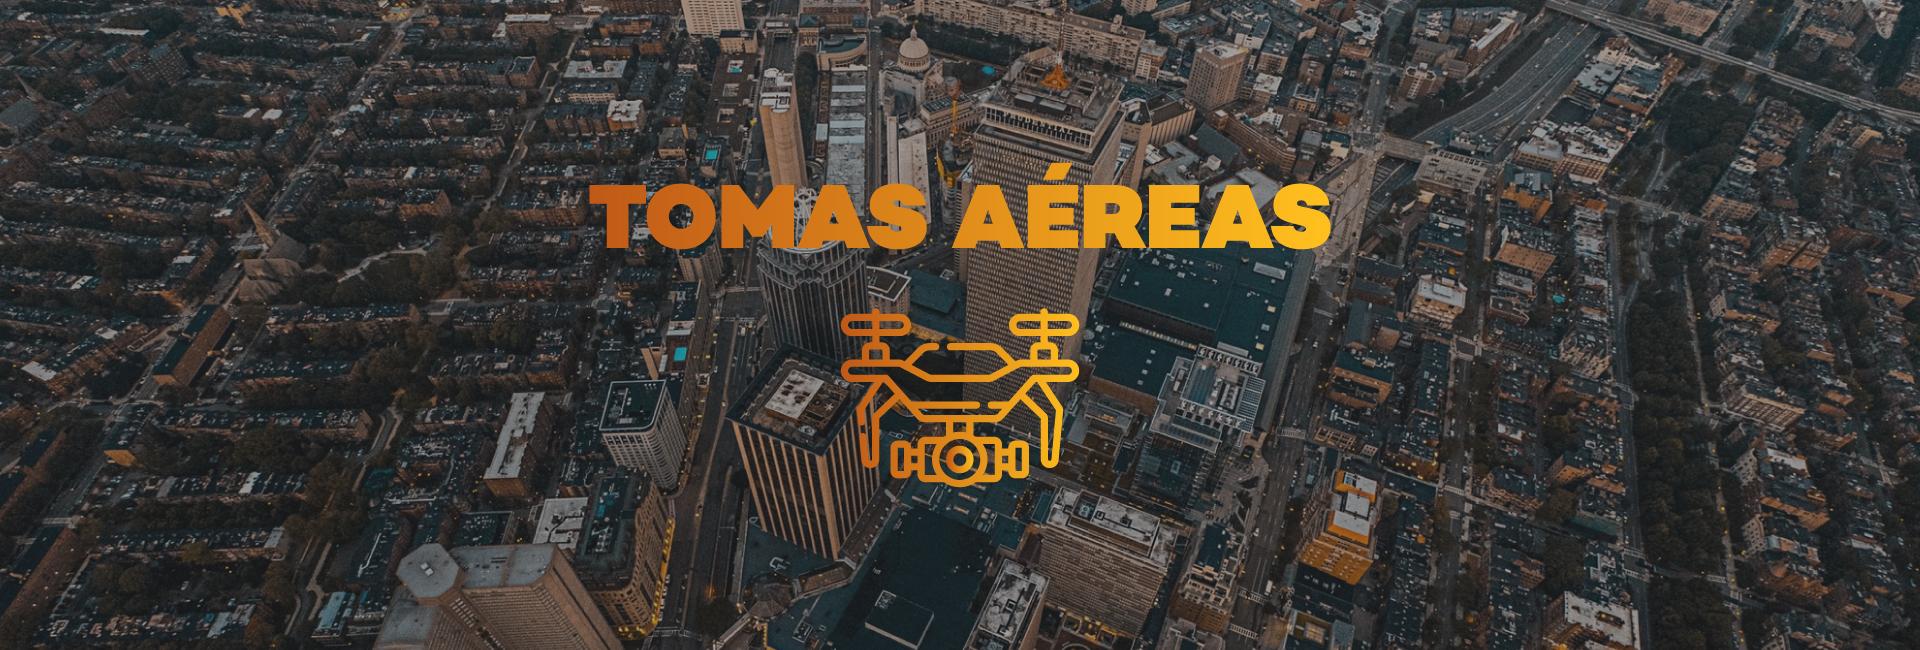 tomas-aereas-dec